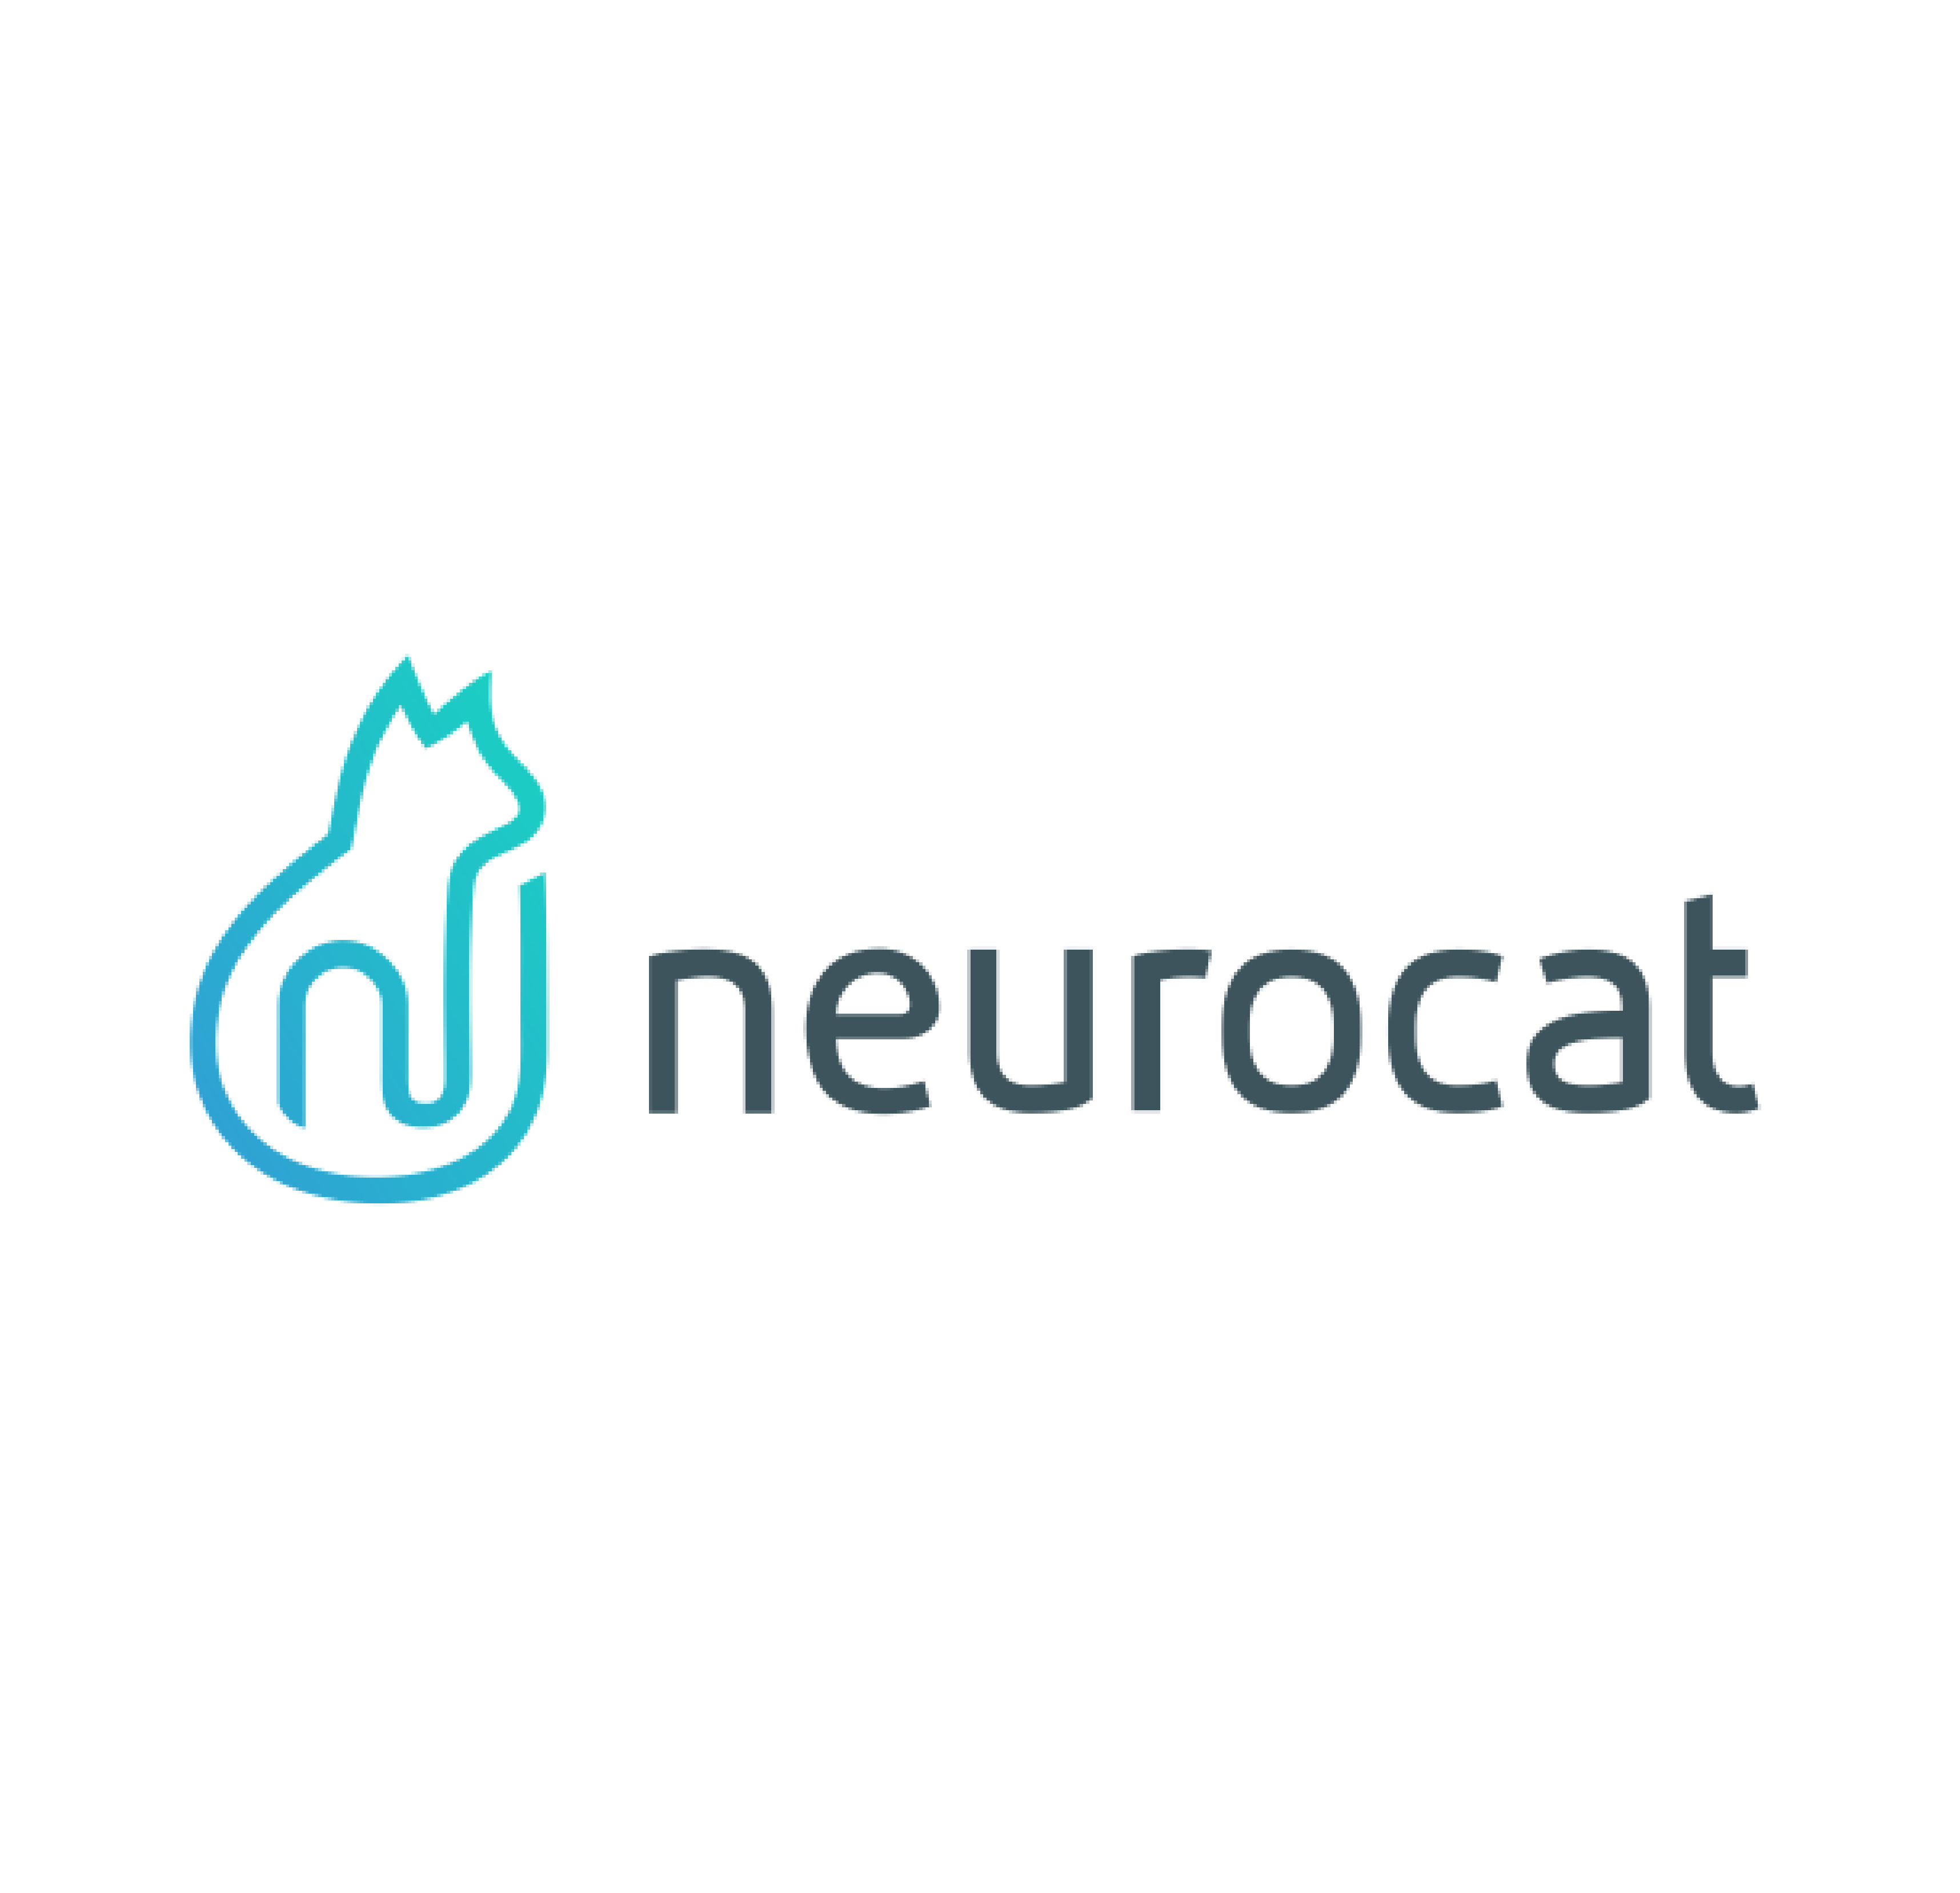 Neurocat